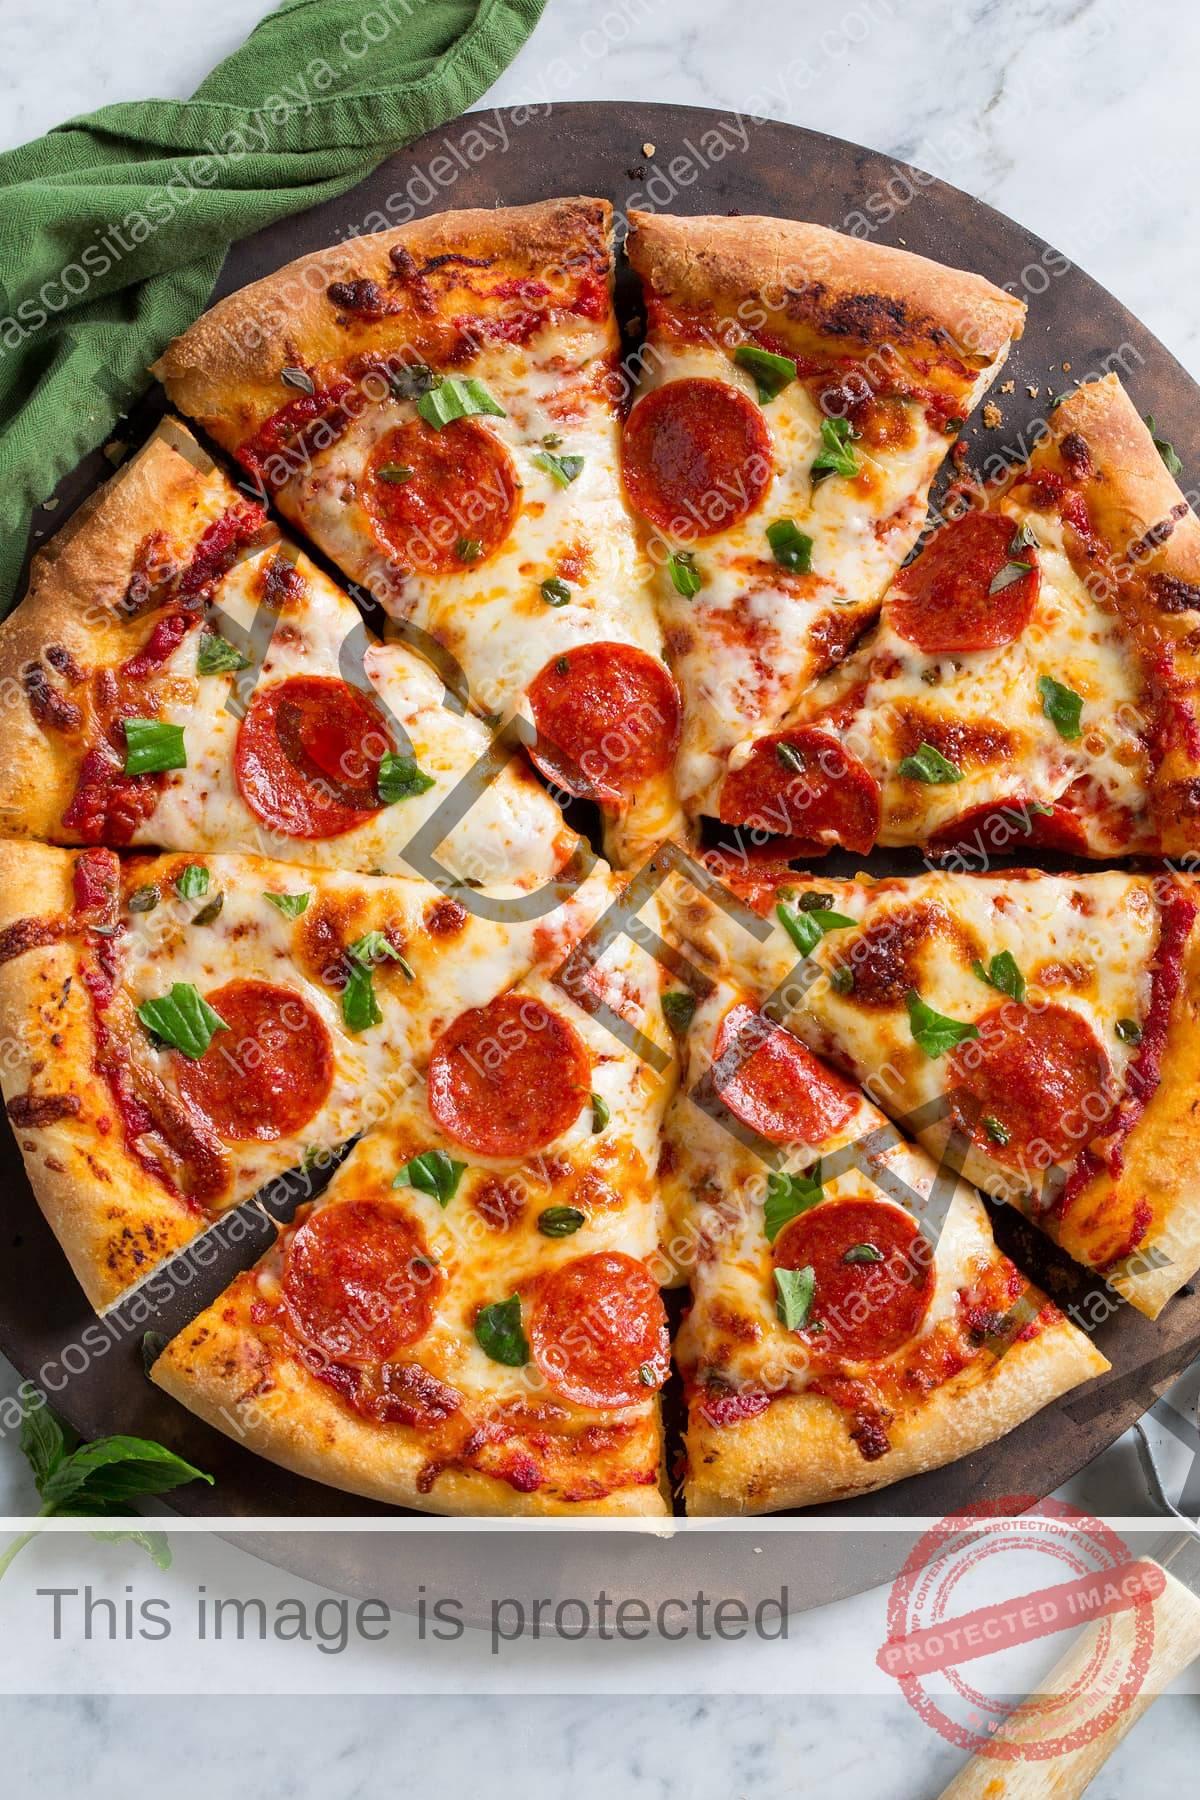 Imagem aérea de pizza de pepperoni com crosta caseira. A pizza é cortada em 8 fatias.